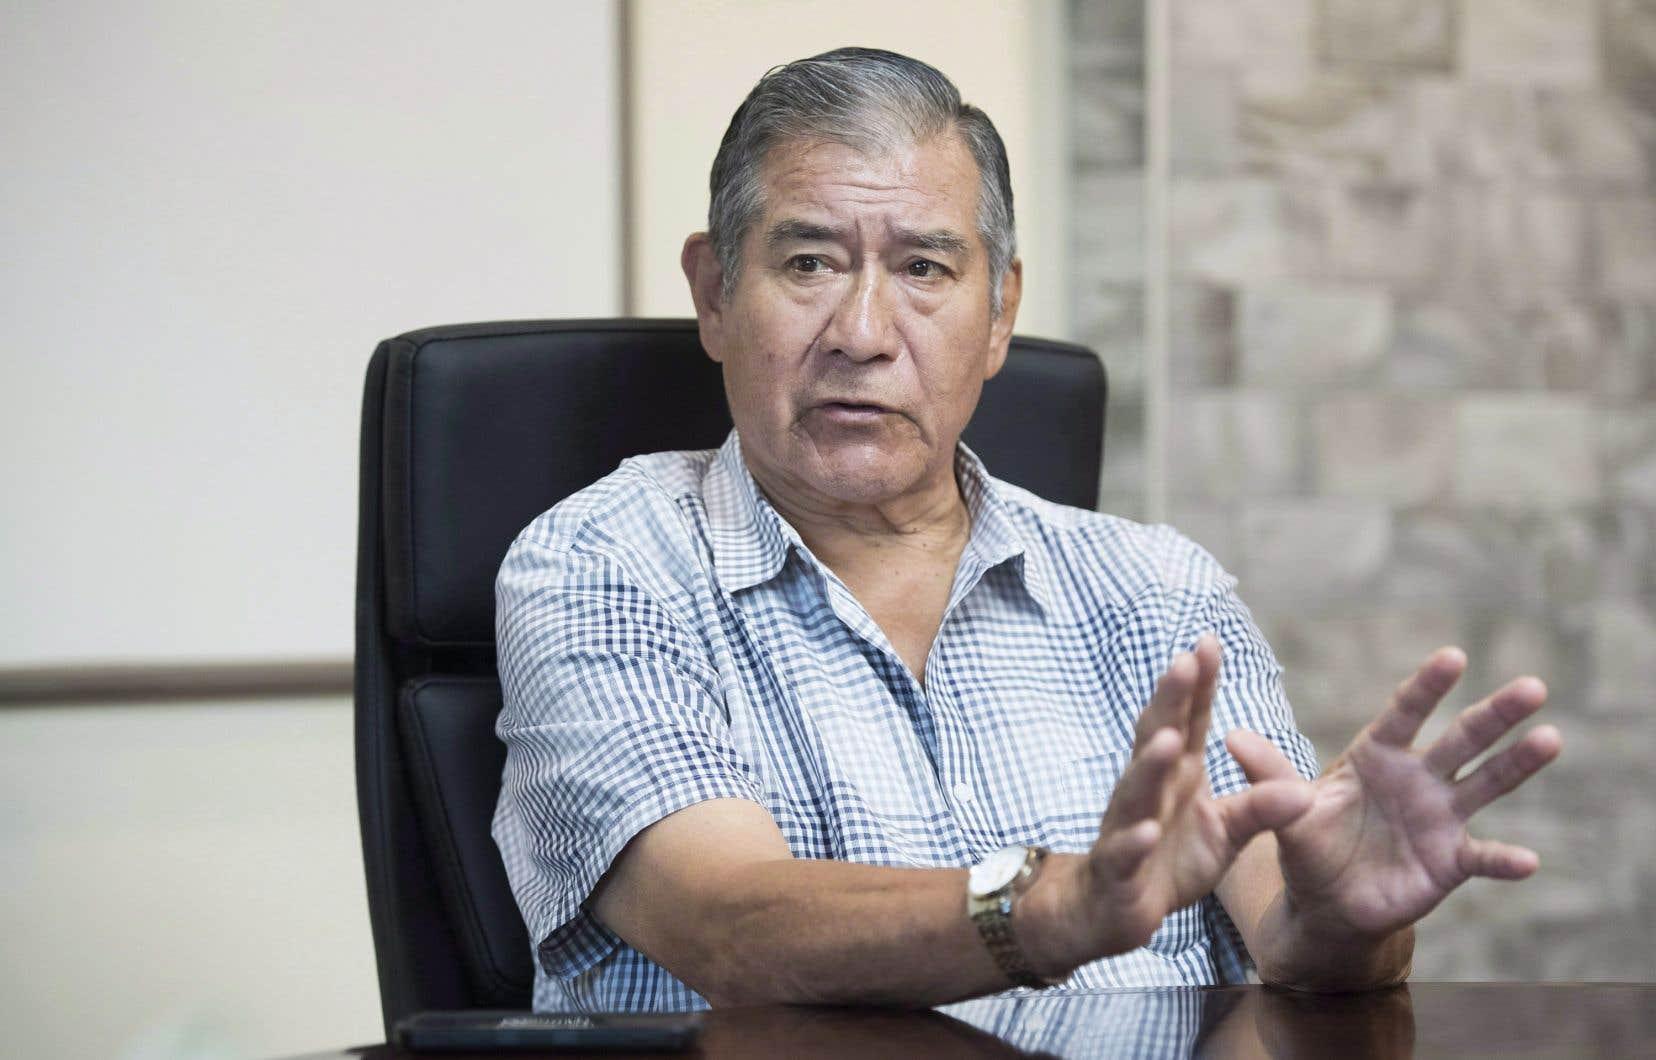 «On ne les laisserait pas entrer de toute façon», a statué le grand chef de Kahnawake, Joe Norton, en ajoutant que «tout le monde» — les élus comme les résidents —s'assurerait de barrer la route aux forces de l'ordre.